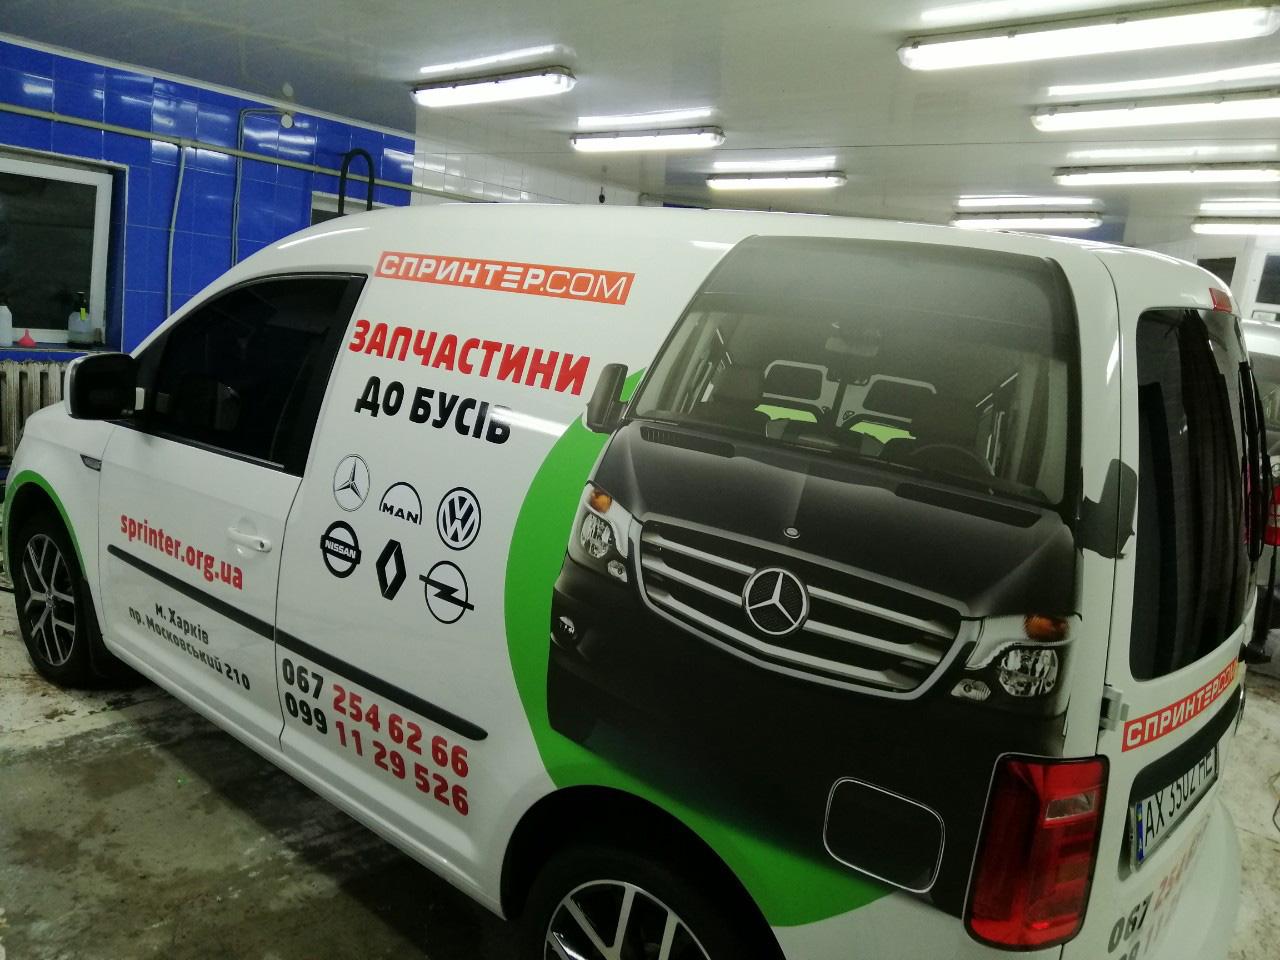 спритерcom-9